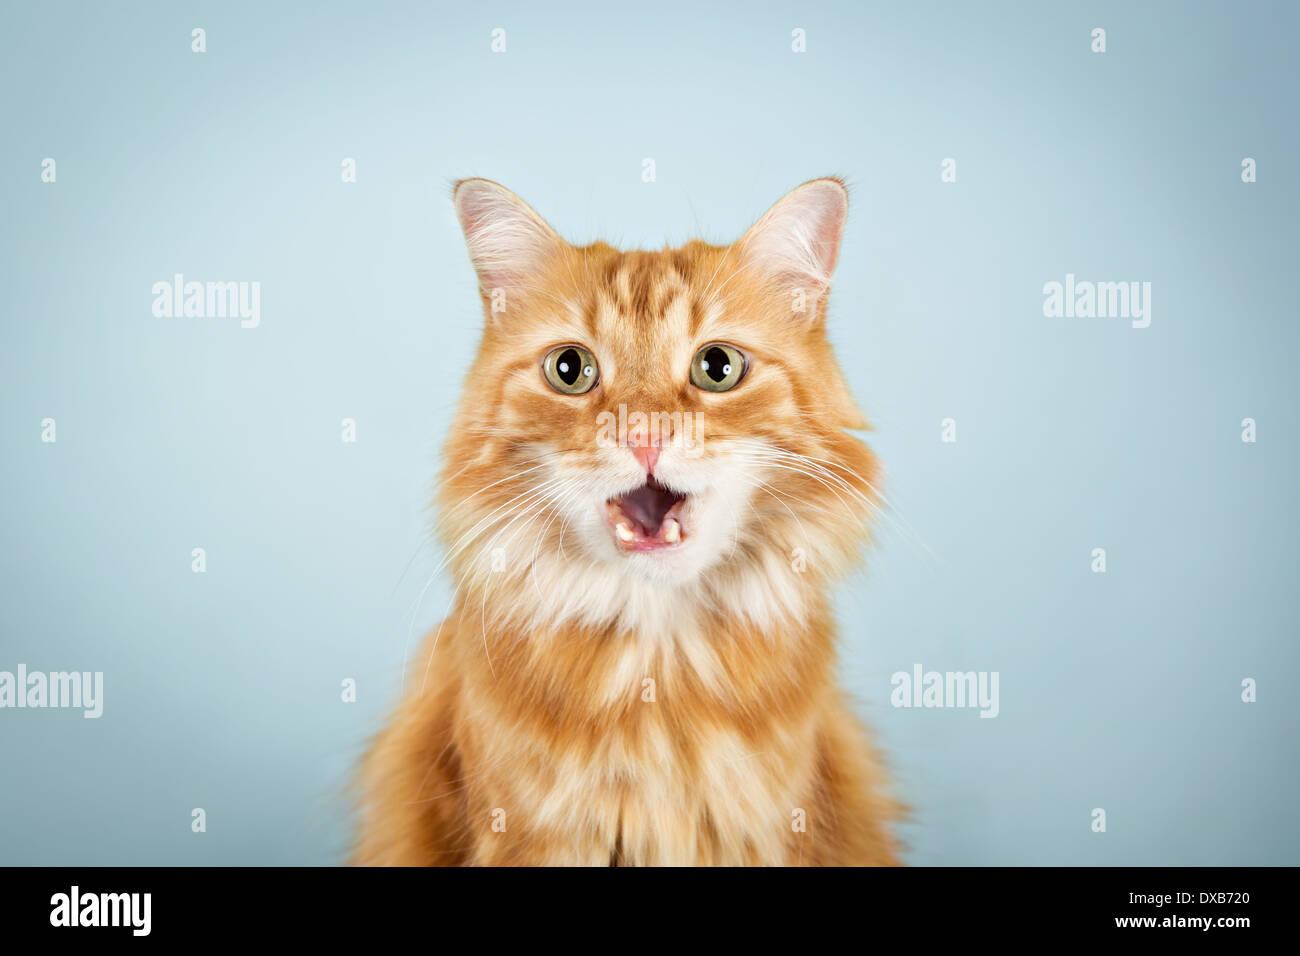 Simpatico gatto arancione con la bocca aperta, fissando la fotocamera. Immagini Stock